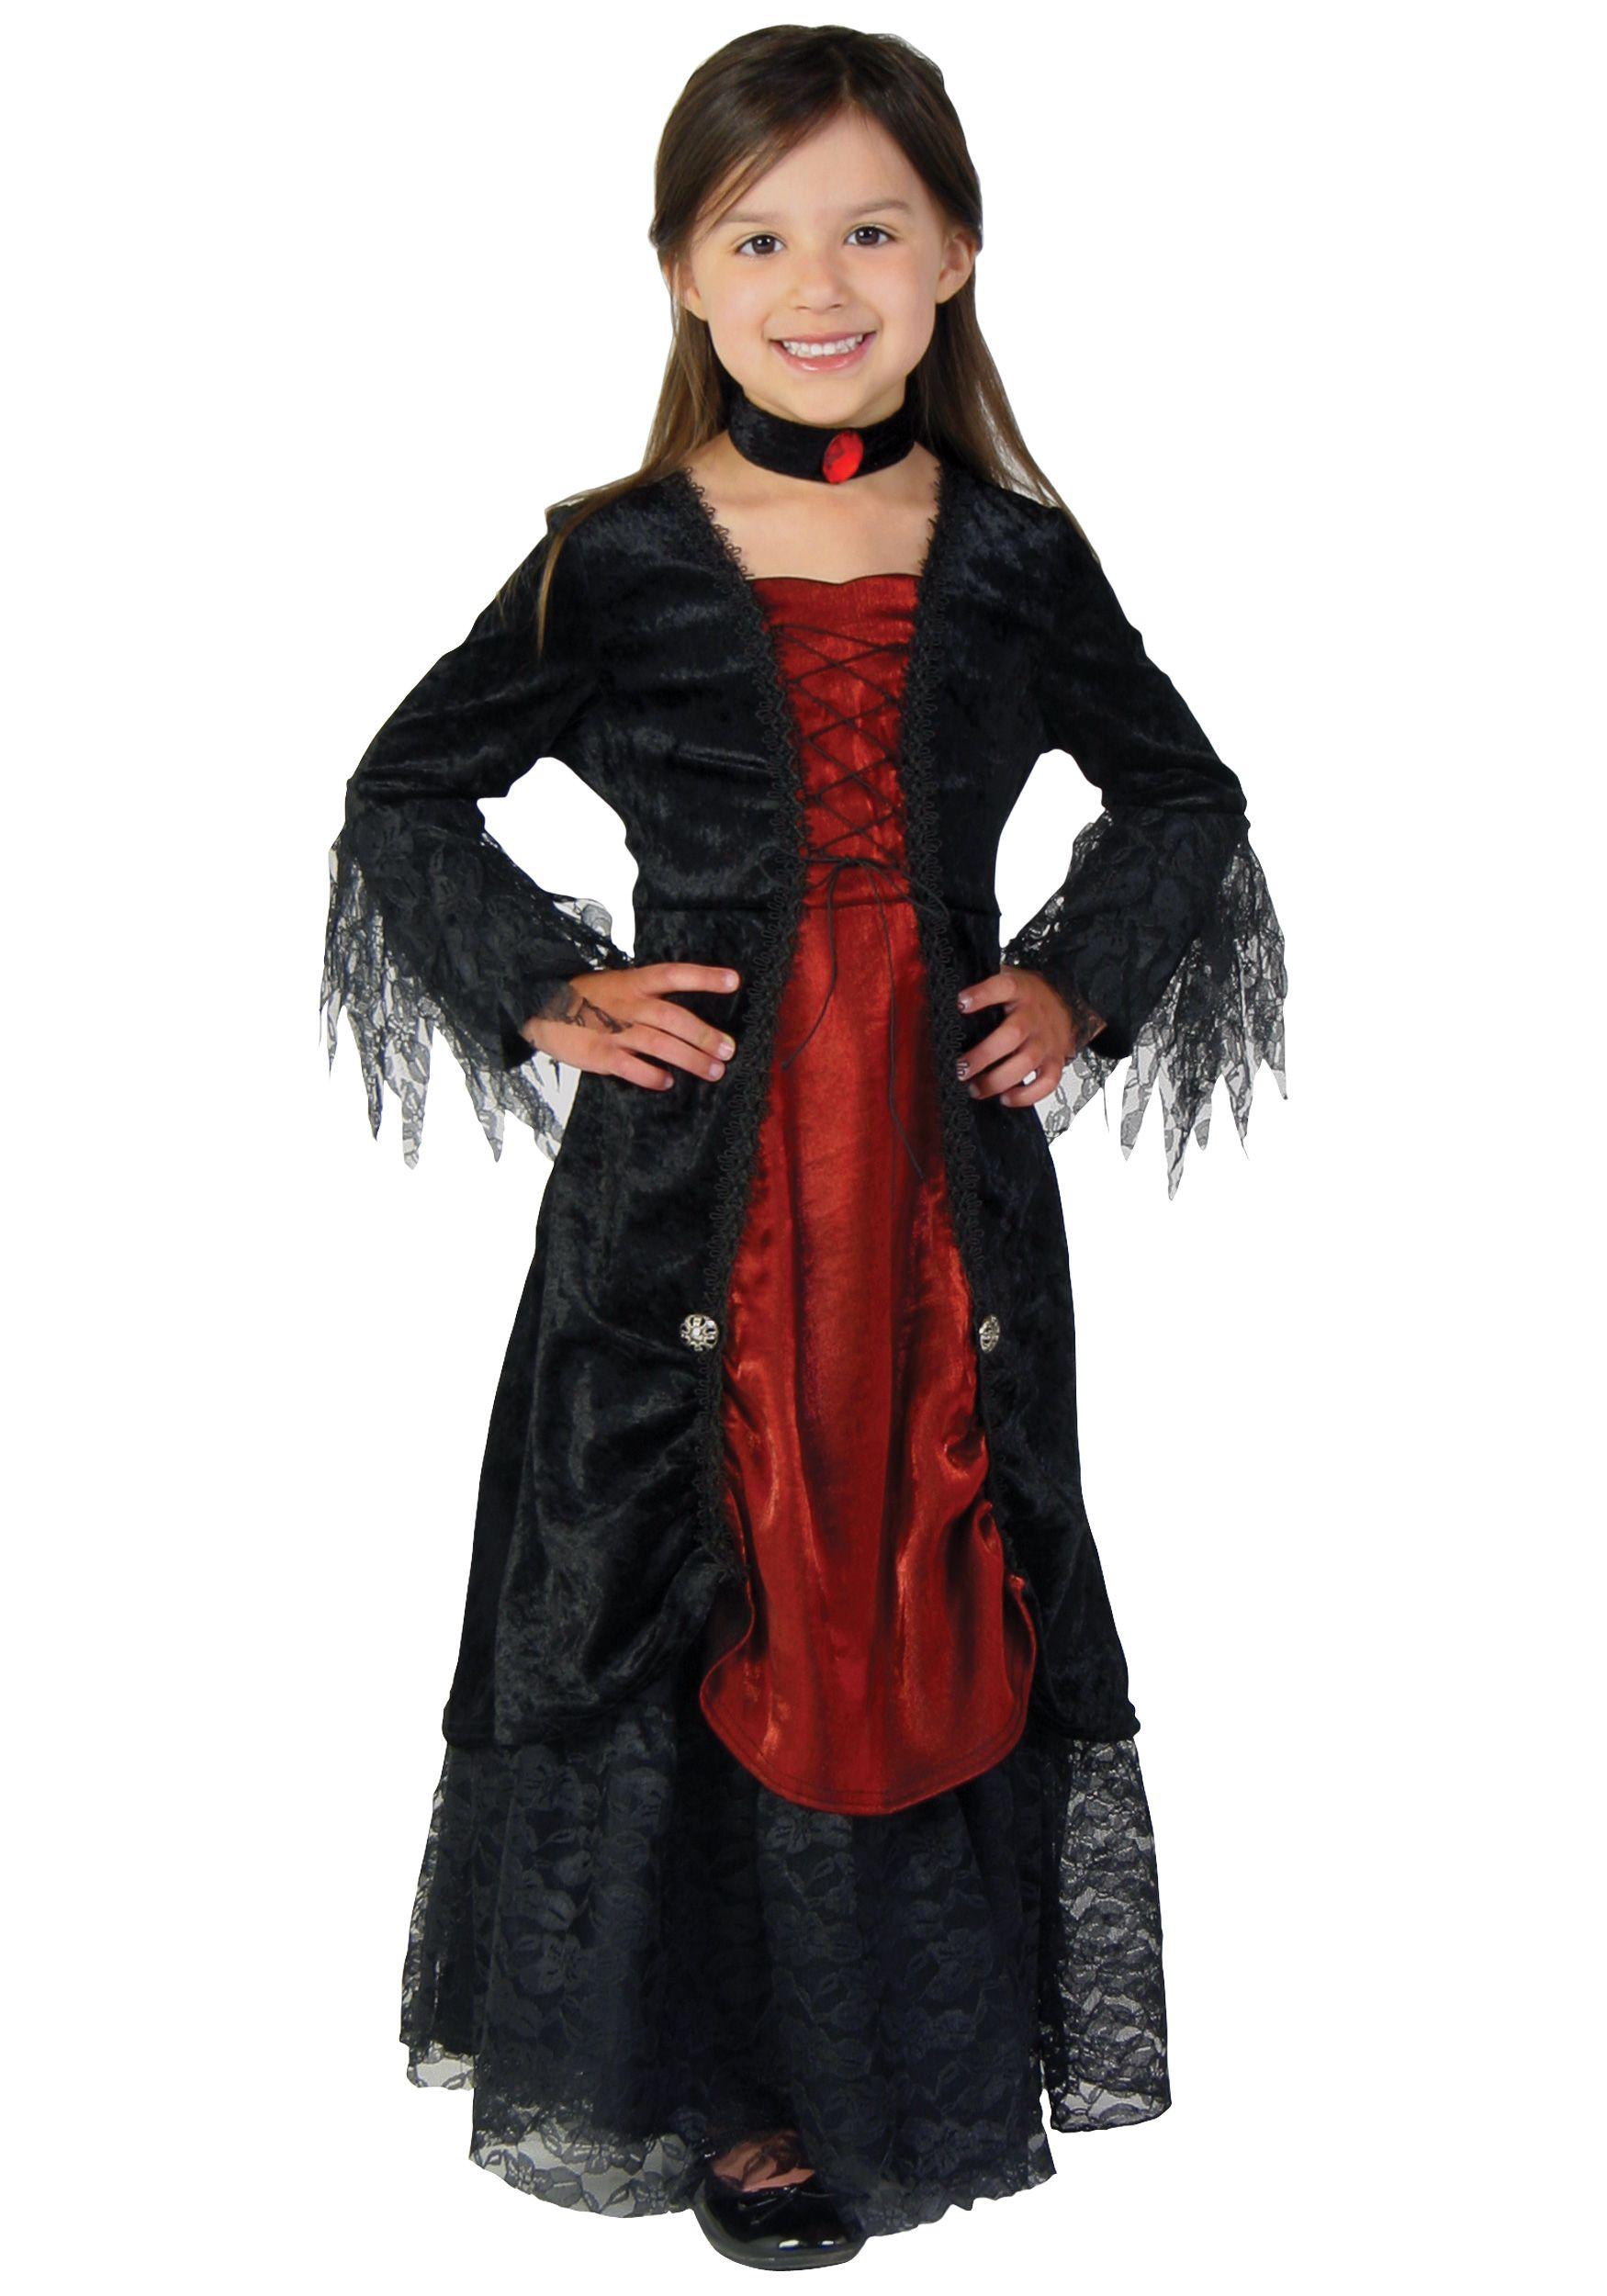 Powerpuff Girls Costumes For Kids Httpgreathalloweencostumesorg